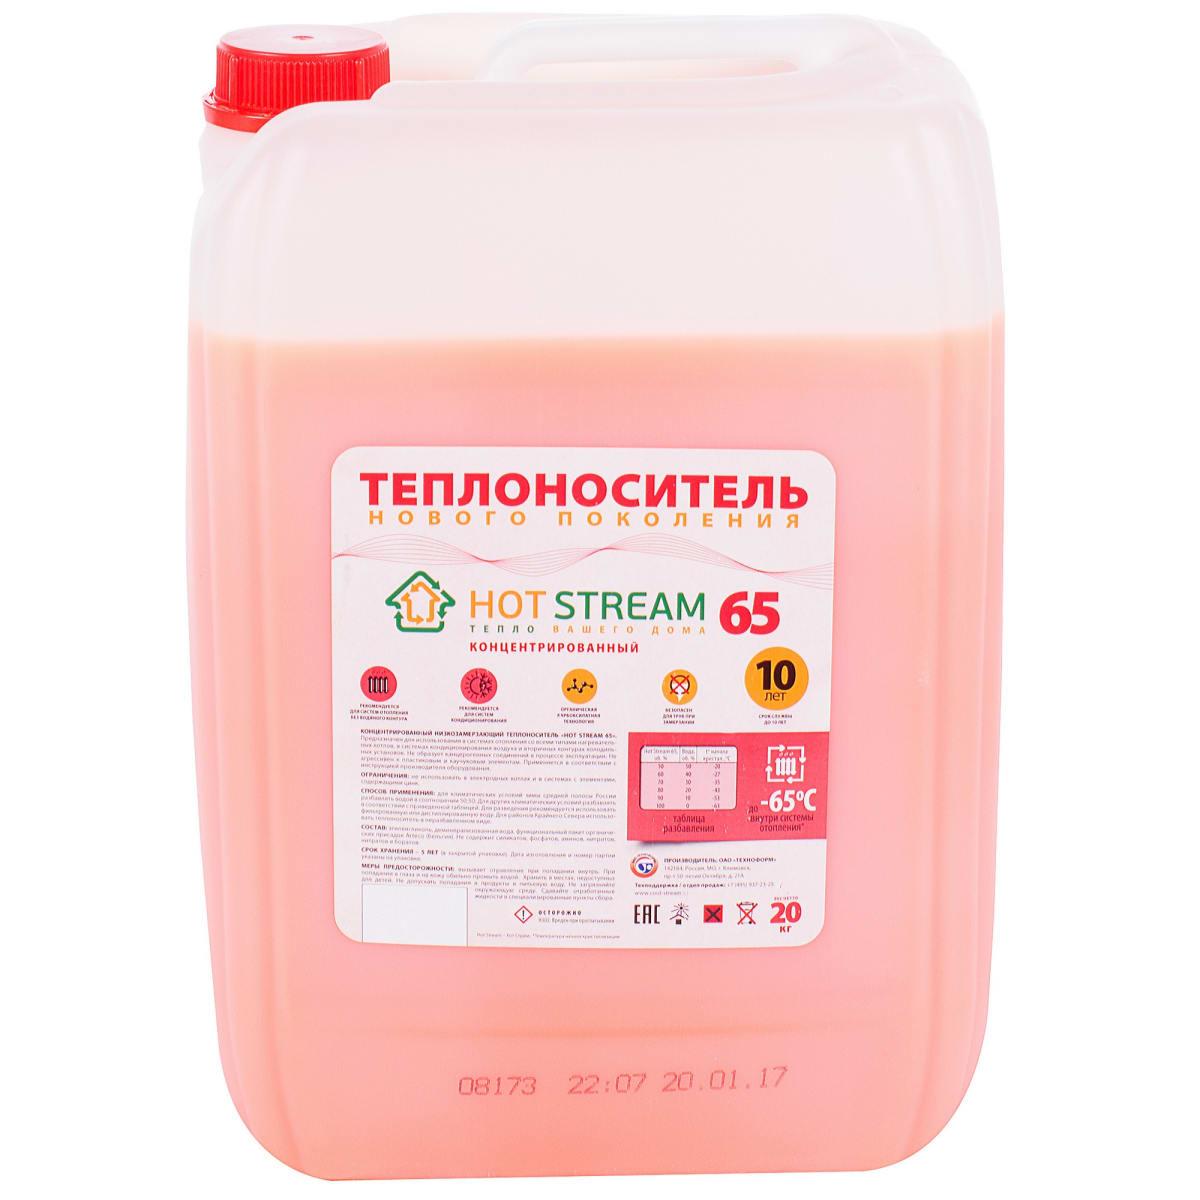 Теплоноситель Hot Stream, 20 кг